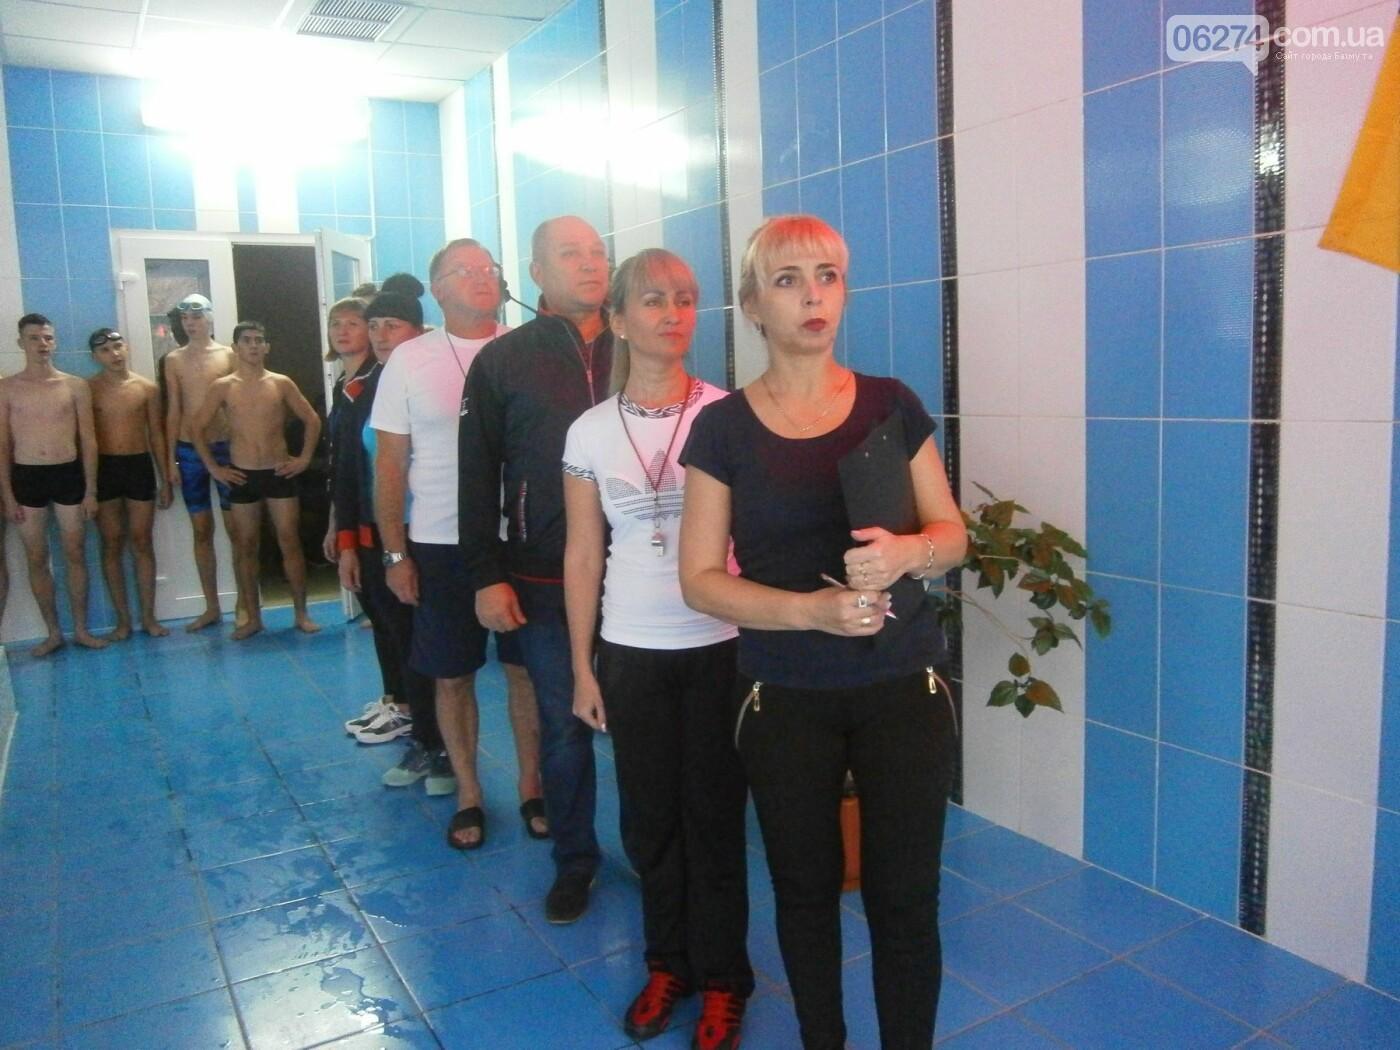 Плавательный сезон в ДЮК «Дельфин» начали старшеклассники Бахмута, фото-2